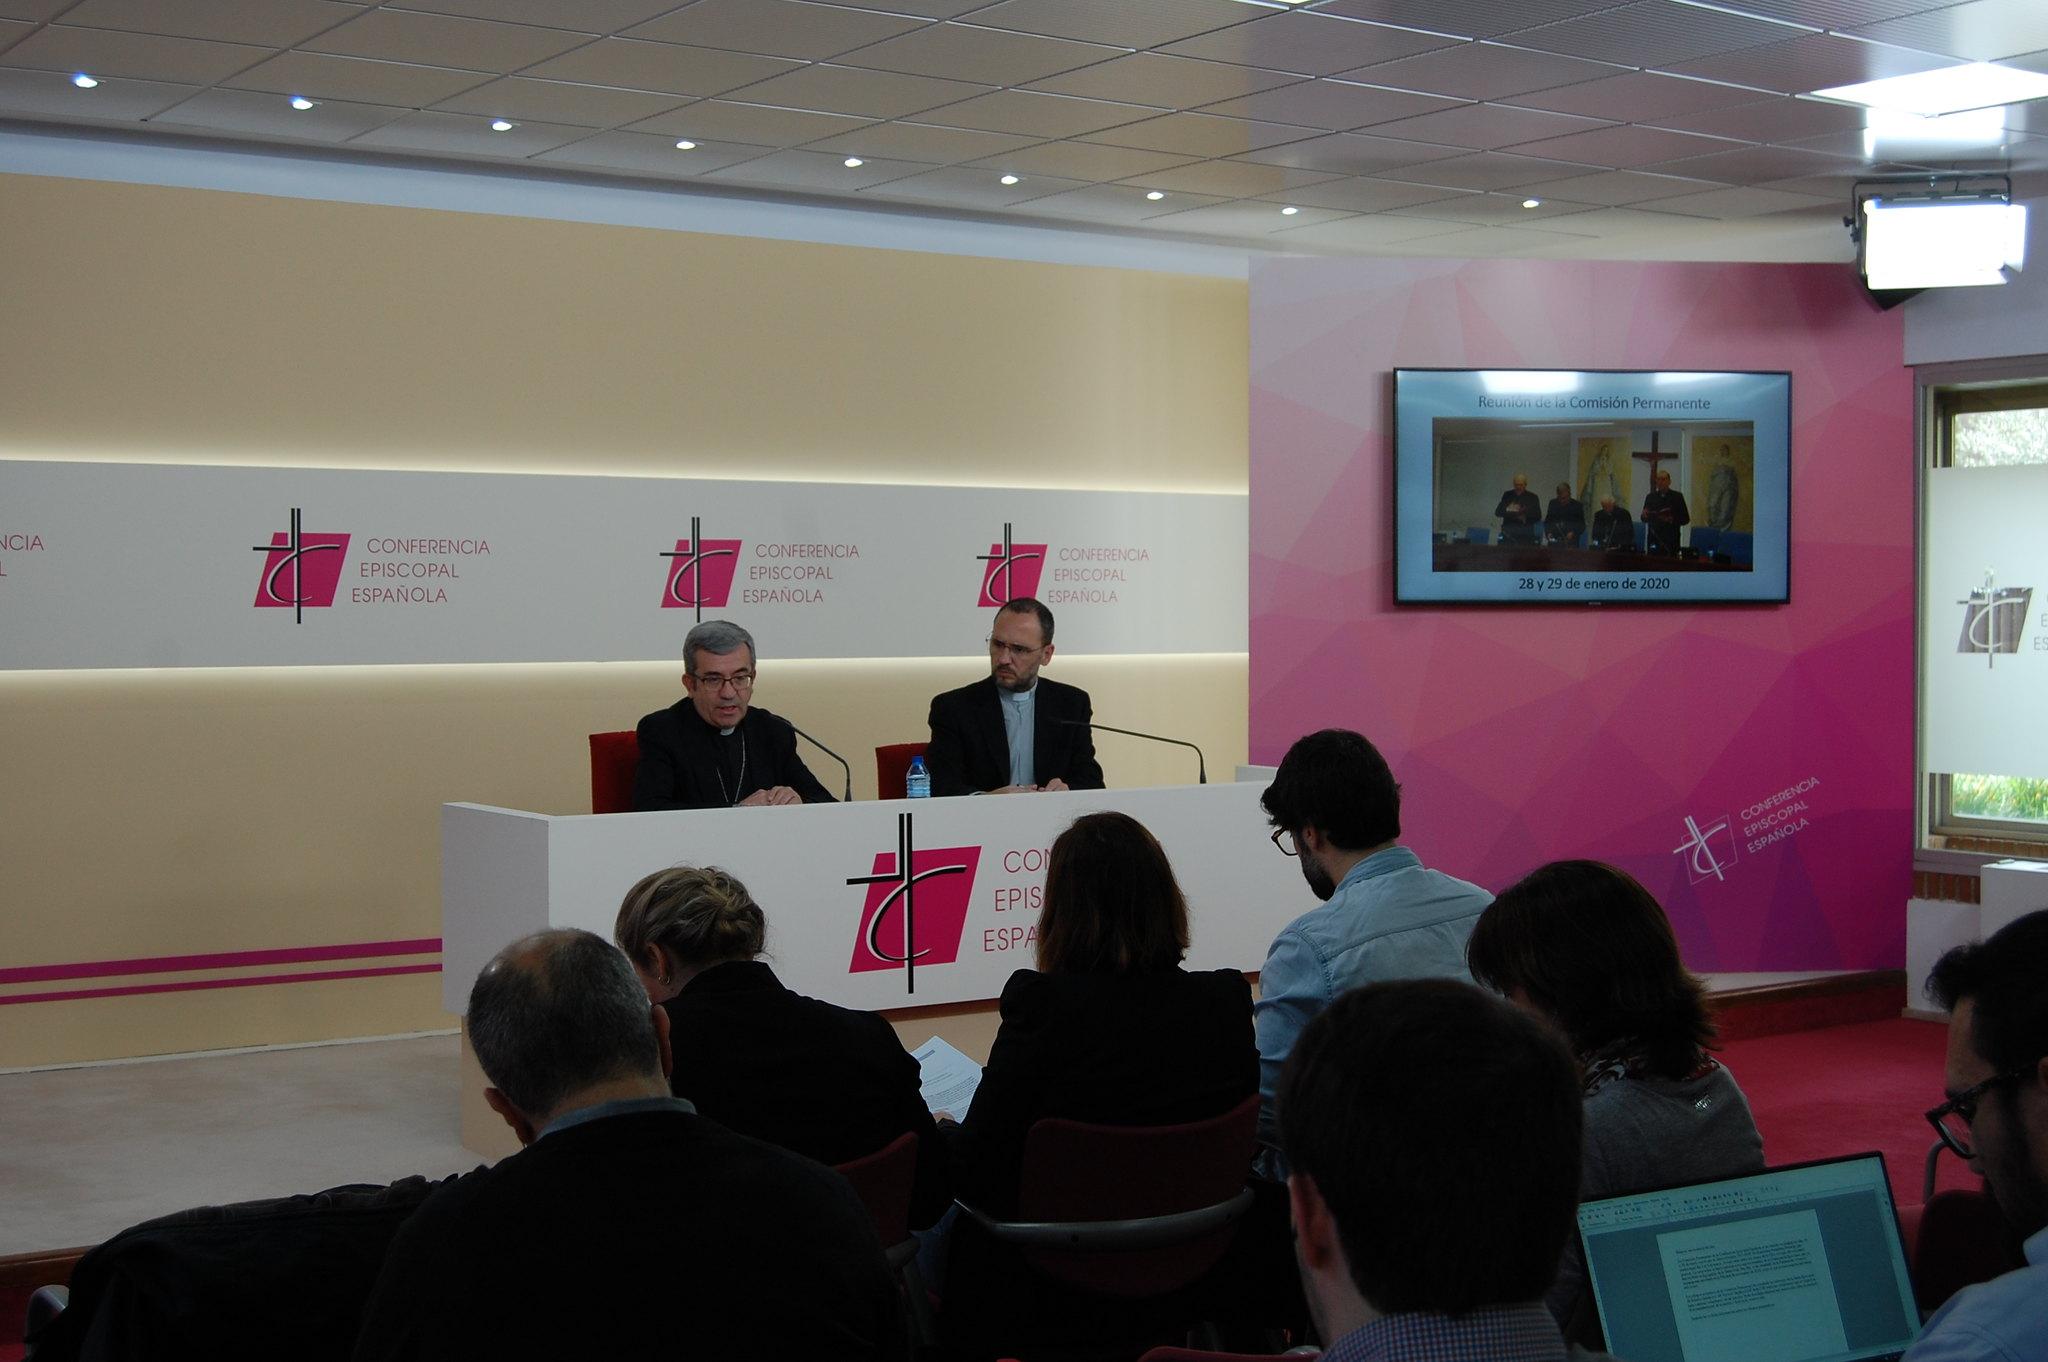 Presentación de los trabajos realizados por la Comisión Permanente, enero 2020 © Conferencia Episcopal Española